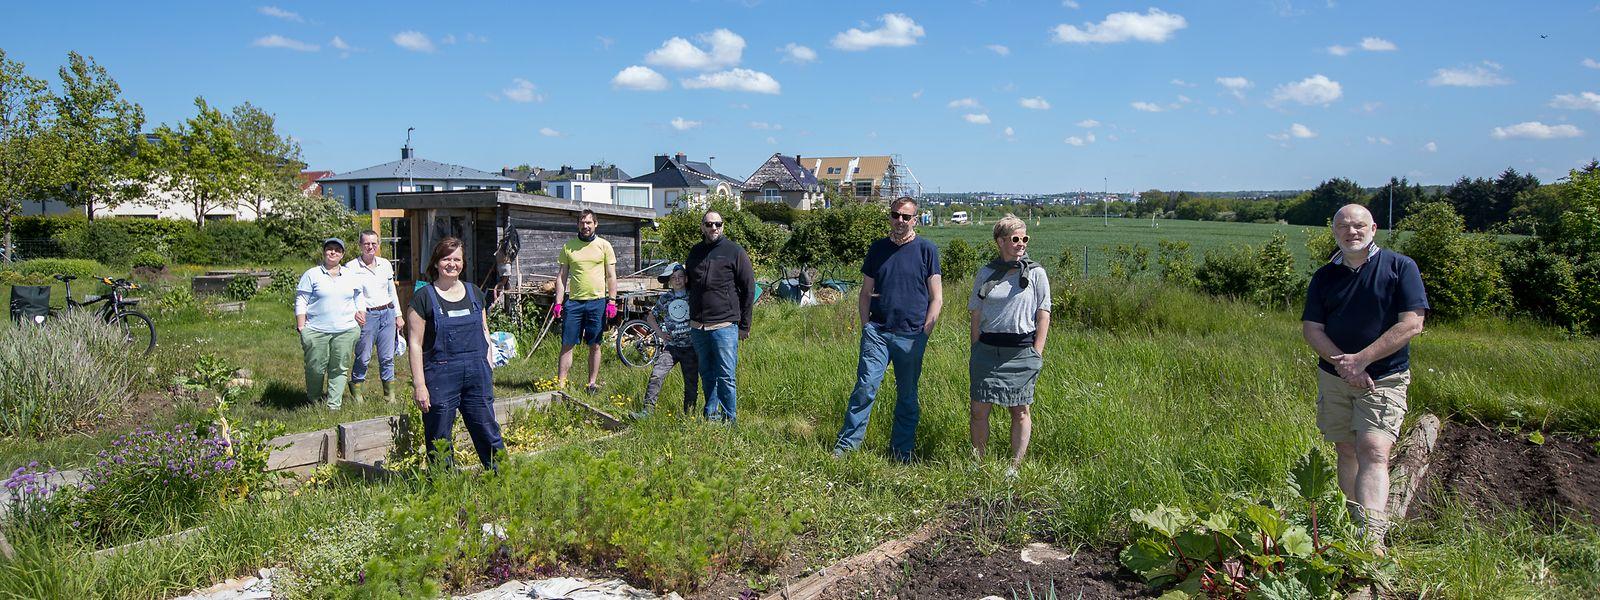 Seit 2013 gibt es den Gemeinschaftsgarten auf Kaltreis in Bonneweg. Bis zu 20 Einwohner des Stadtviertels gärtnern hier mindestens einmal die Woche.